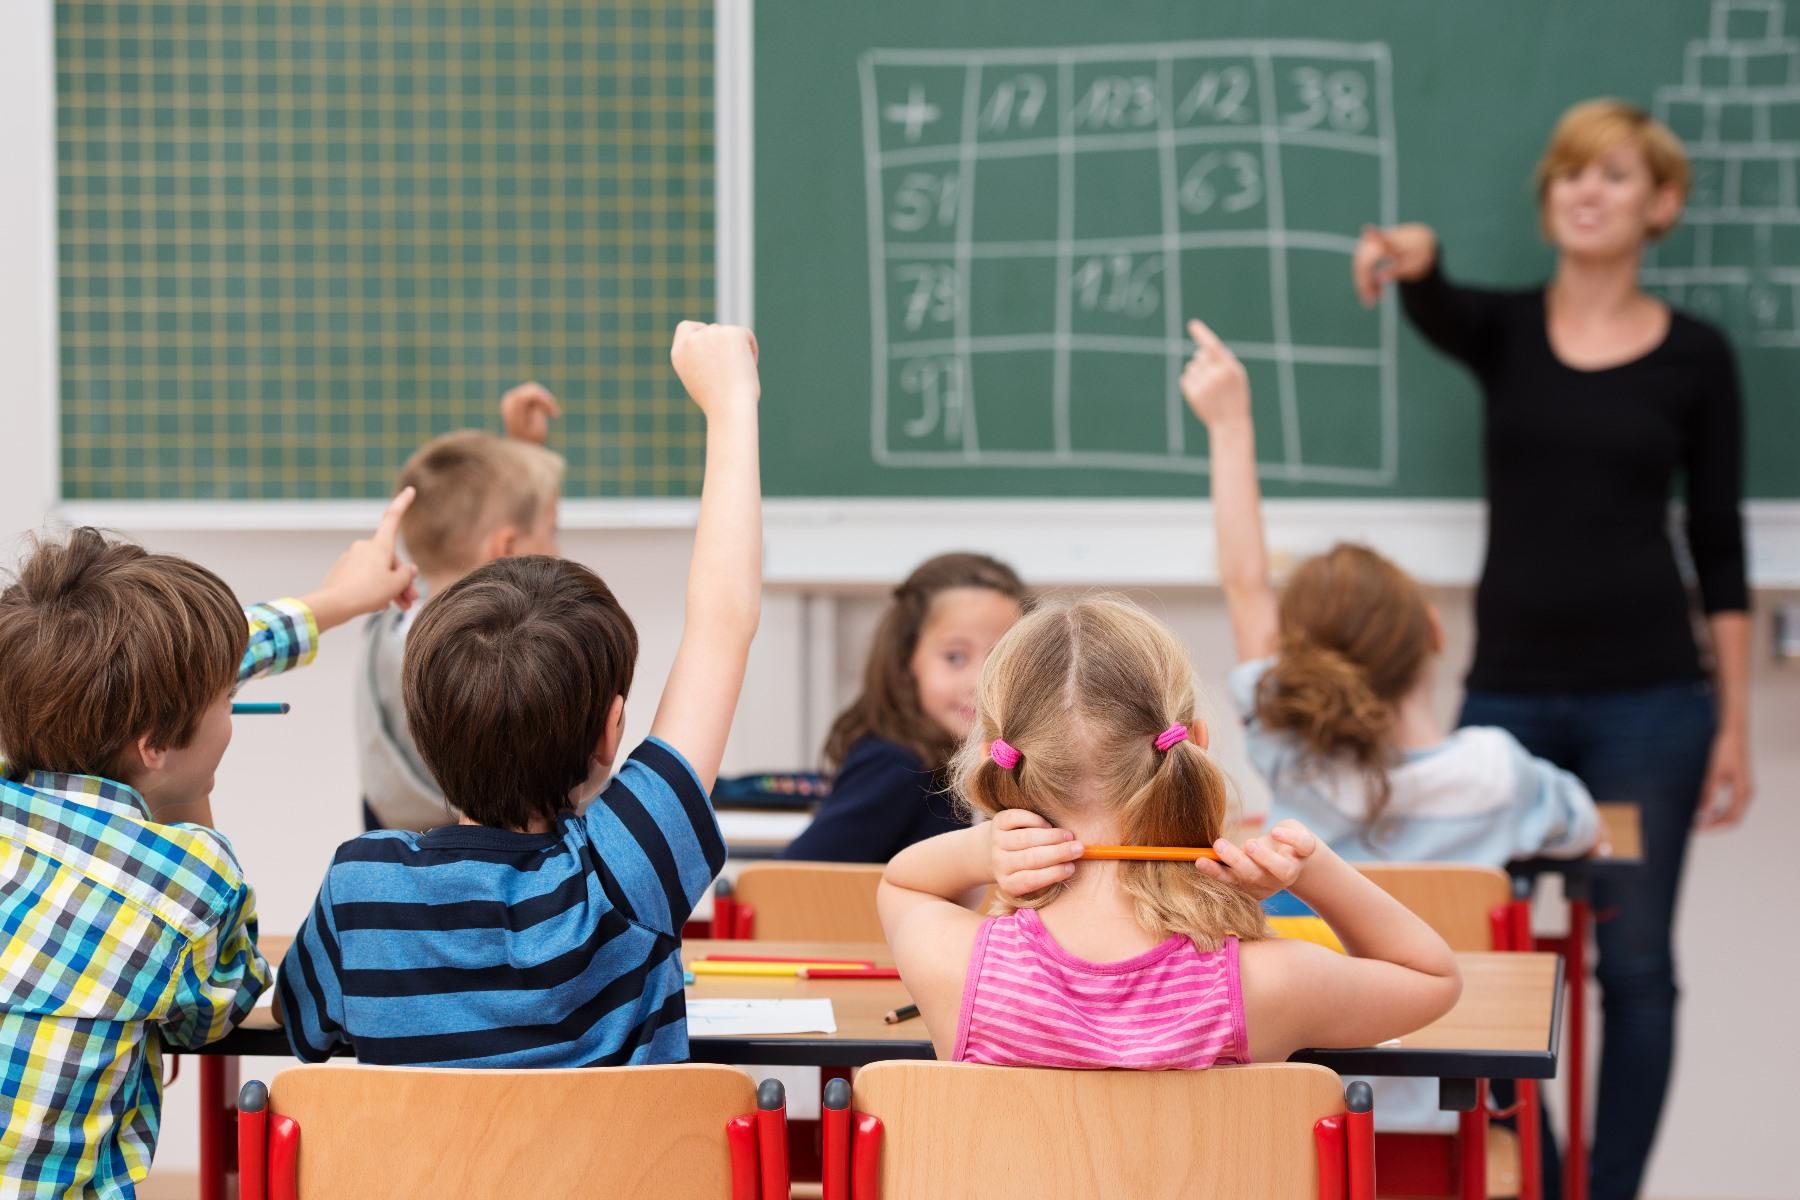 F-Antrag angenommen: Landesregierung prüft Einsatz von Abluftventilatoren in Bildungseinrichtungen